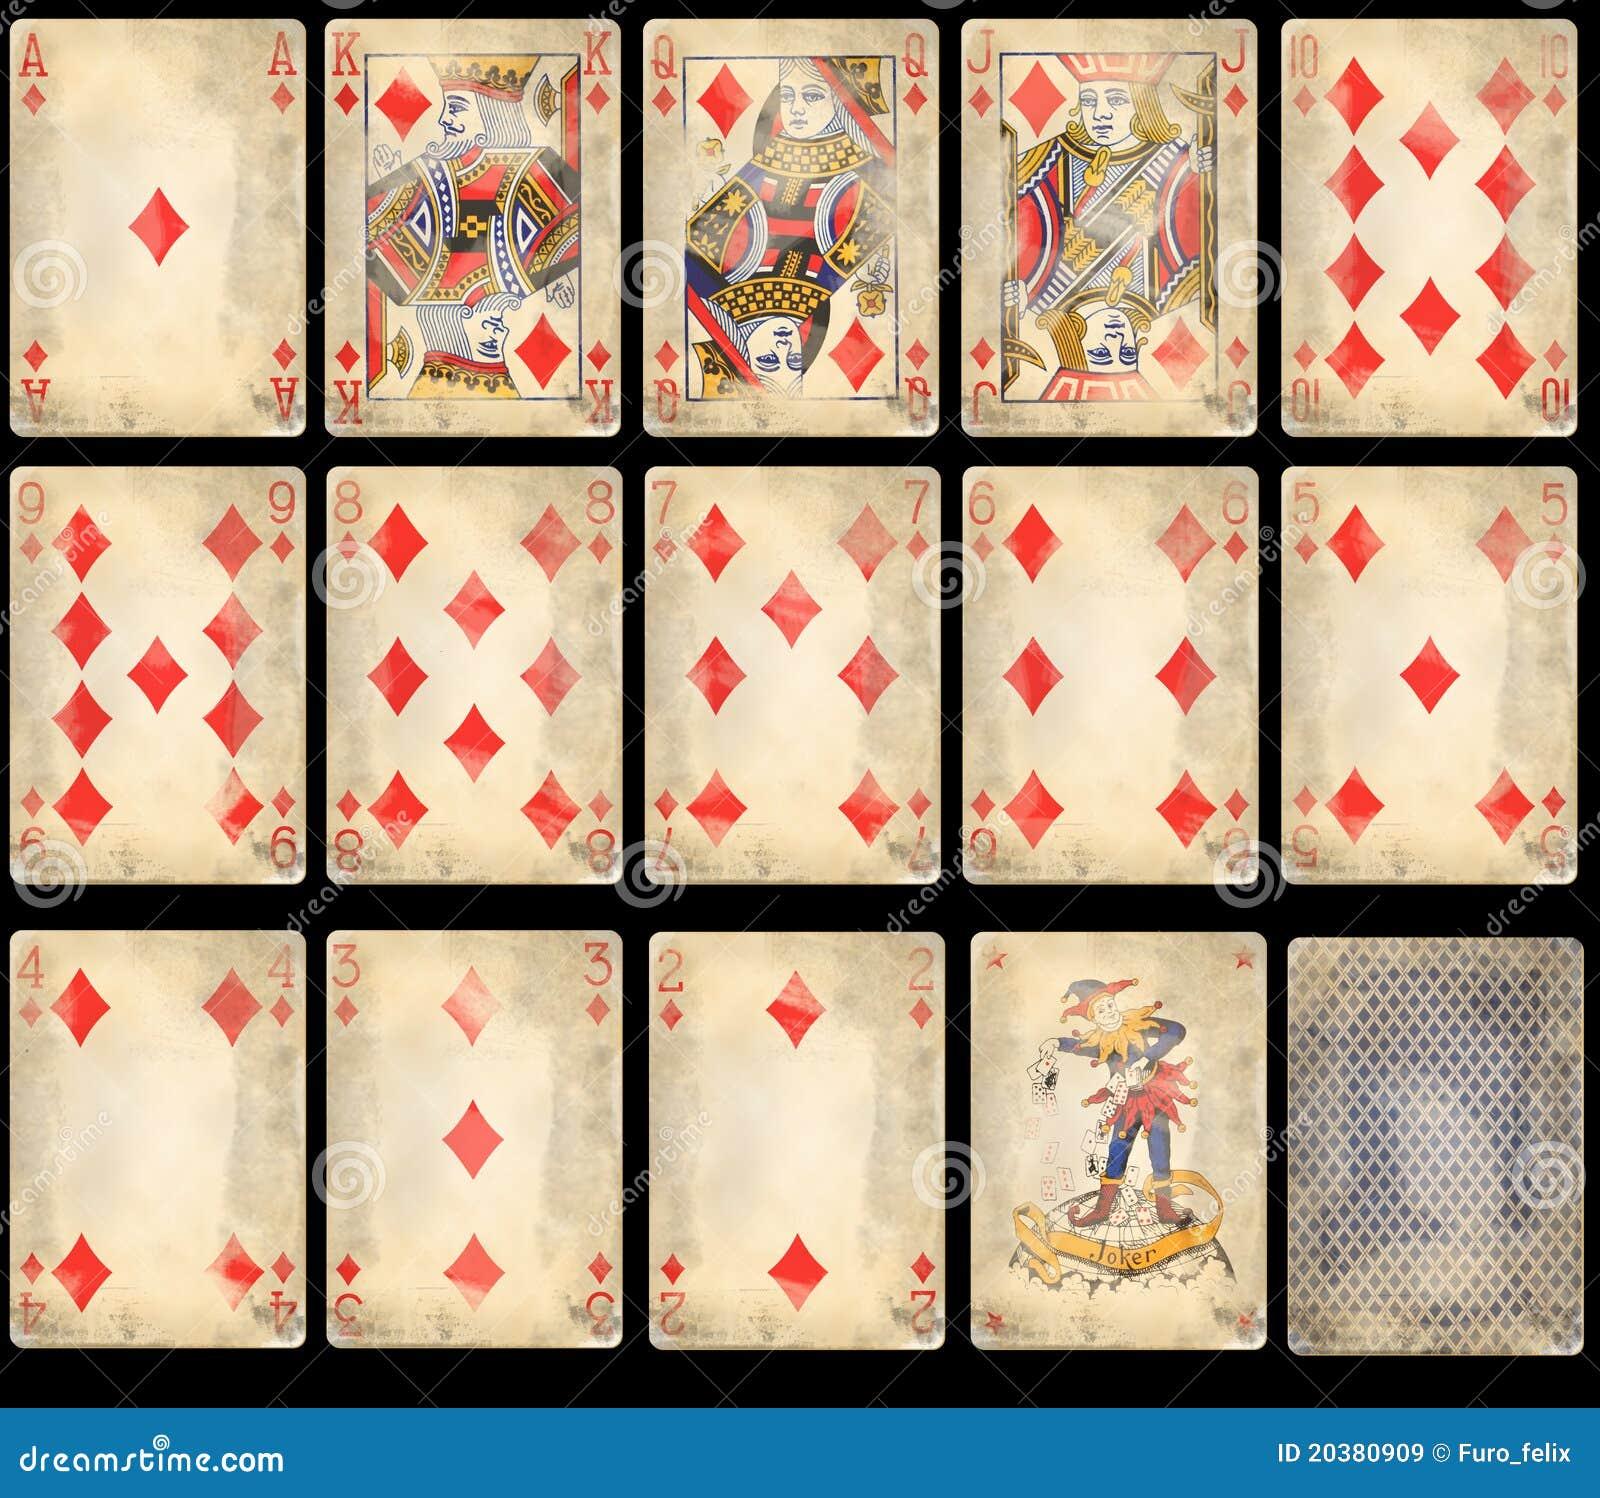 Vieilles cartes de jeu de tisonnier - diamants